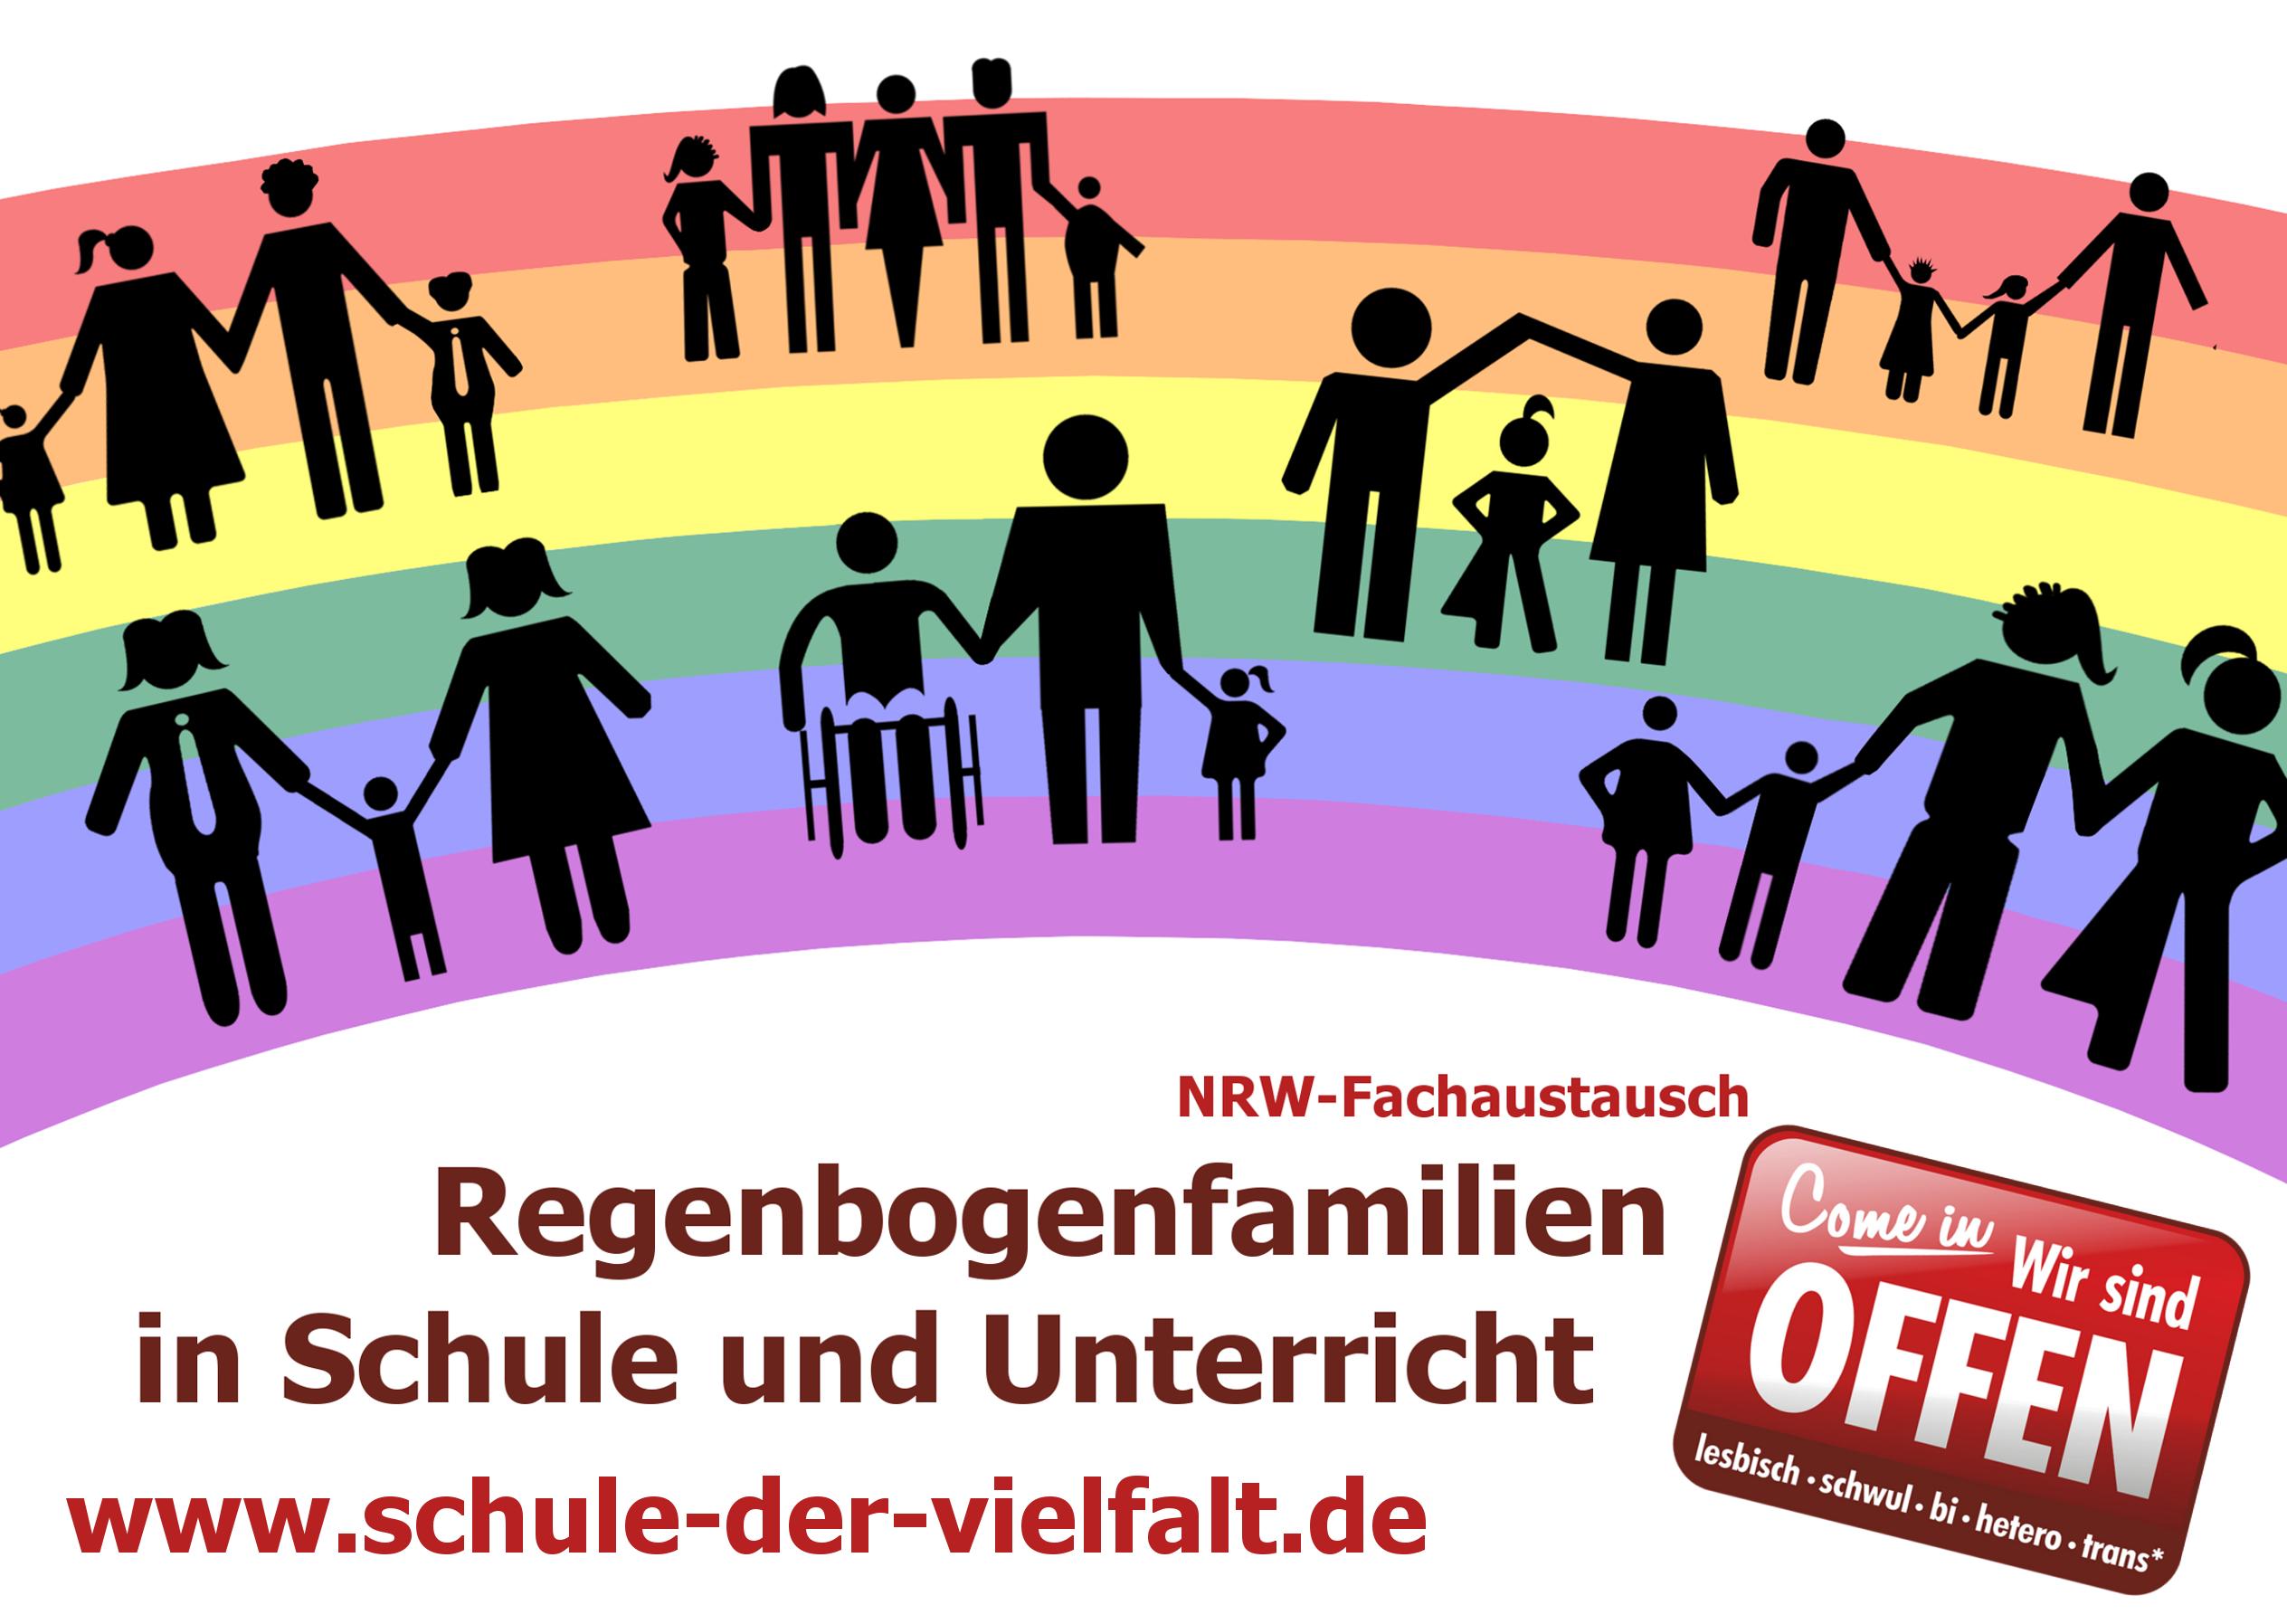 Fachaustausch-Regenbogenfamilien